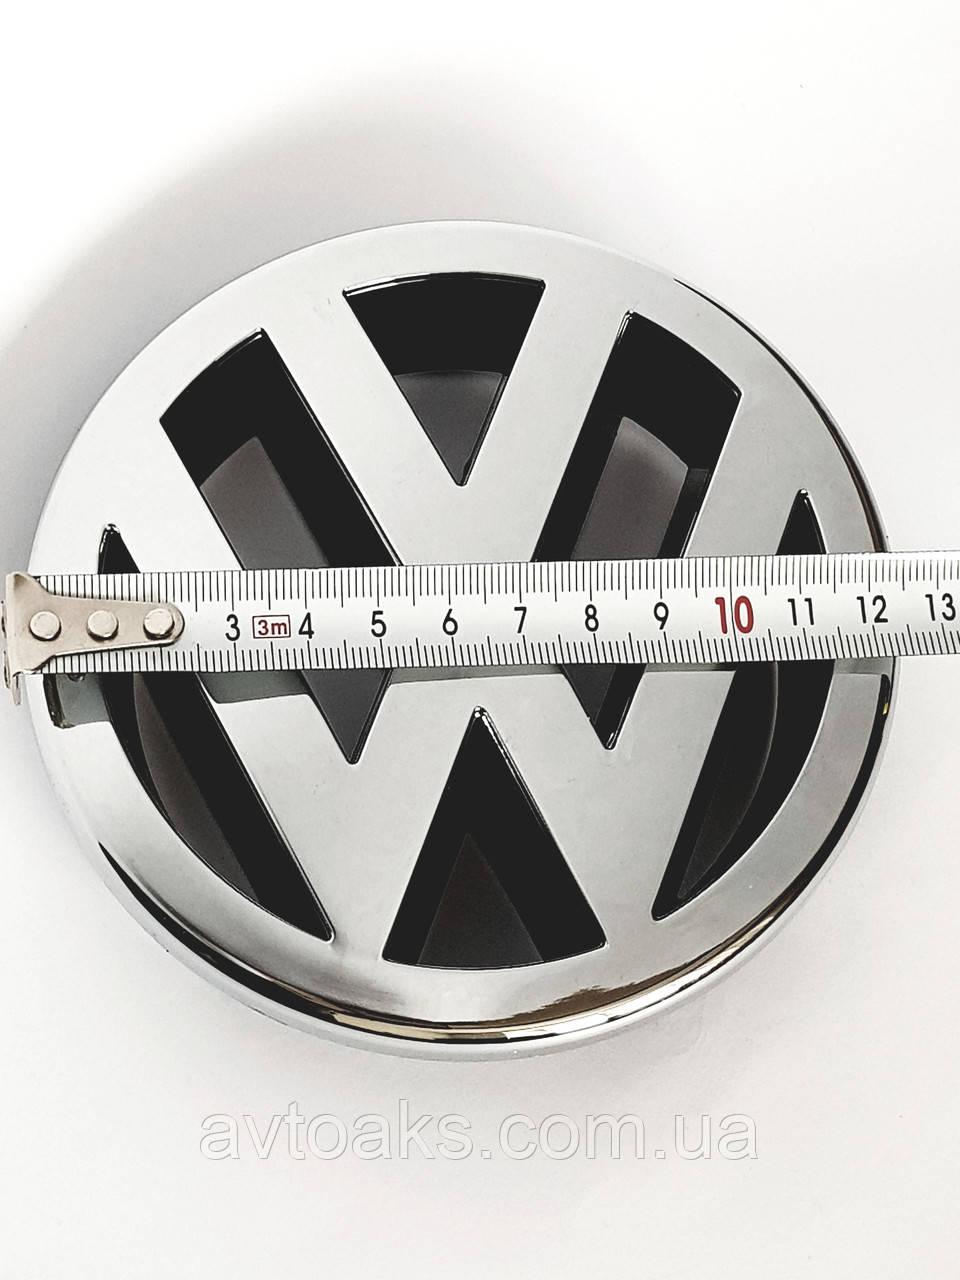 Эмблема Volkswagen Passat B5 до 2005 года на защёлках